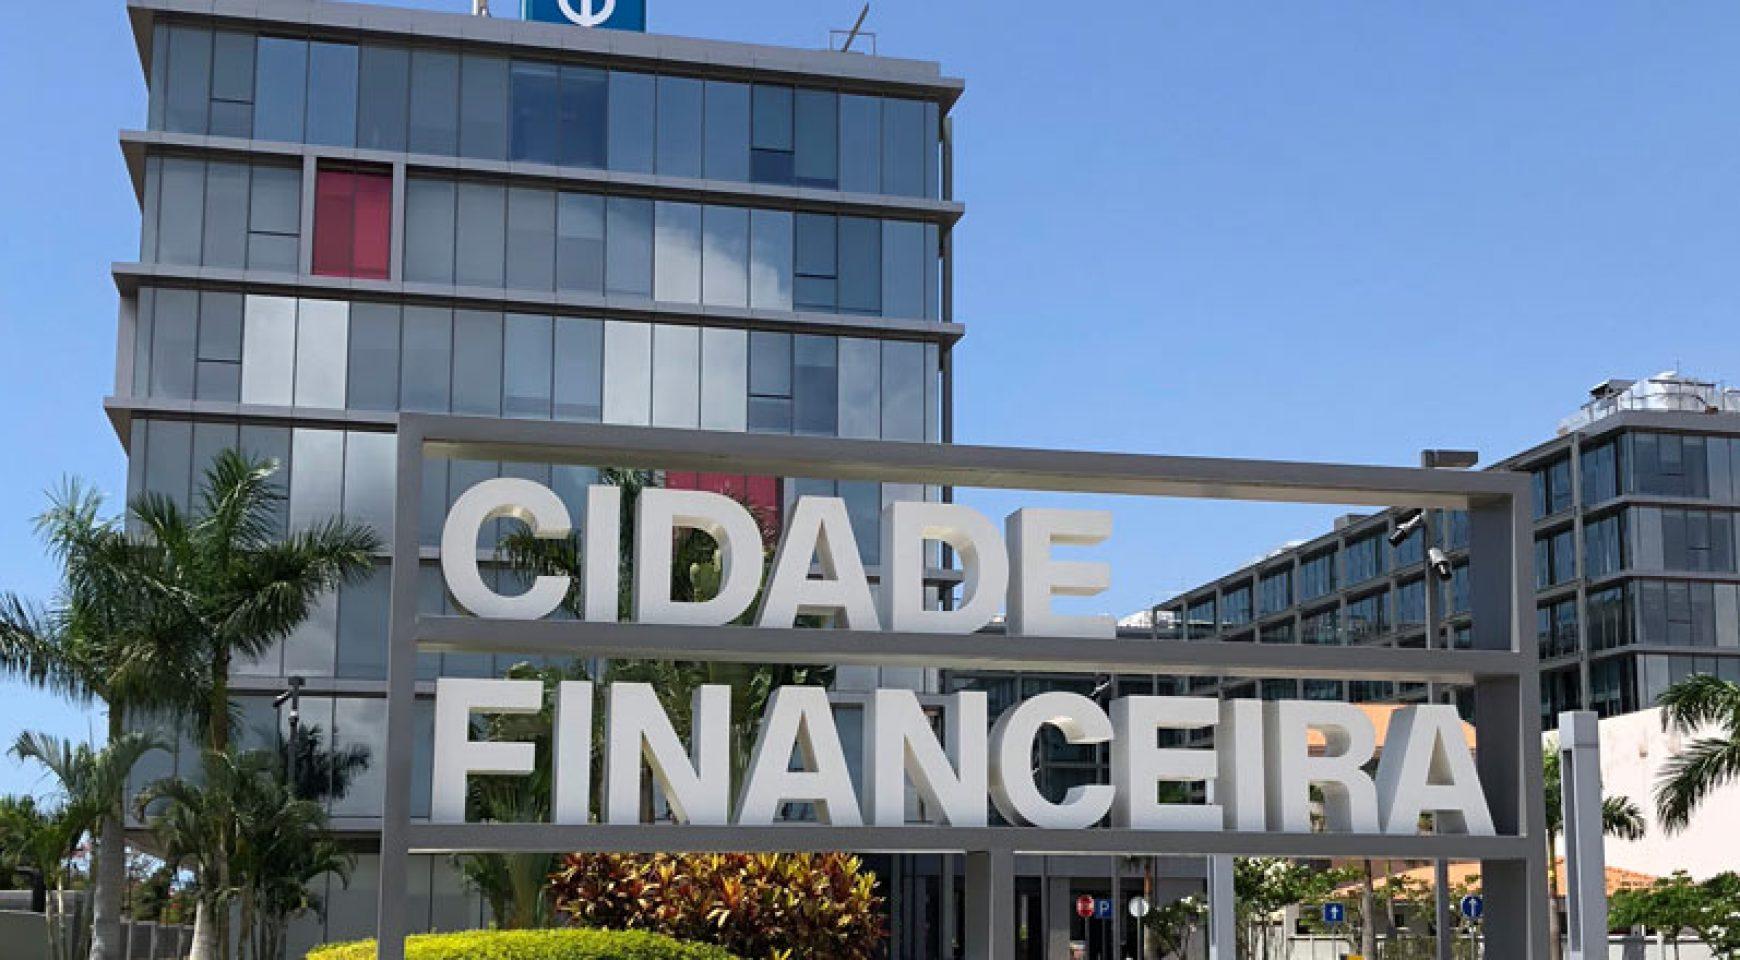 Cidade Financeira